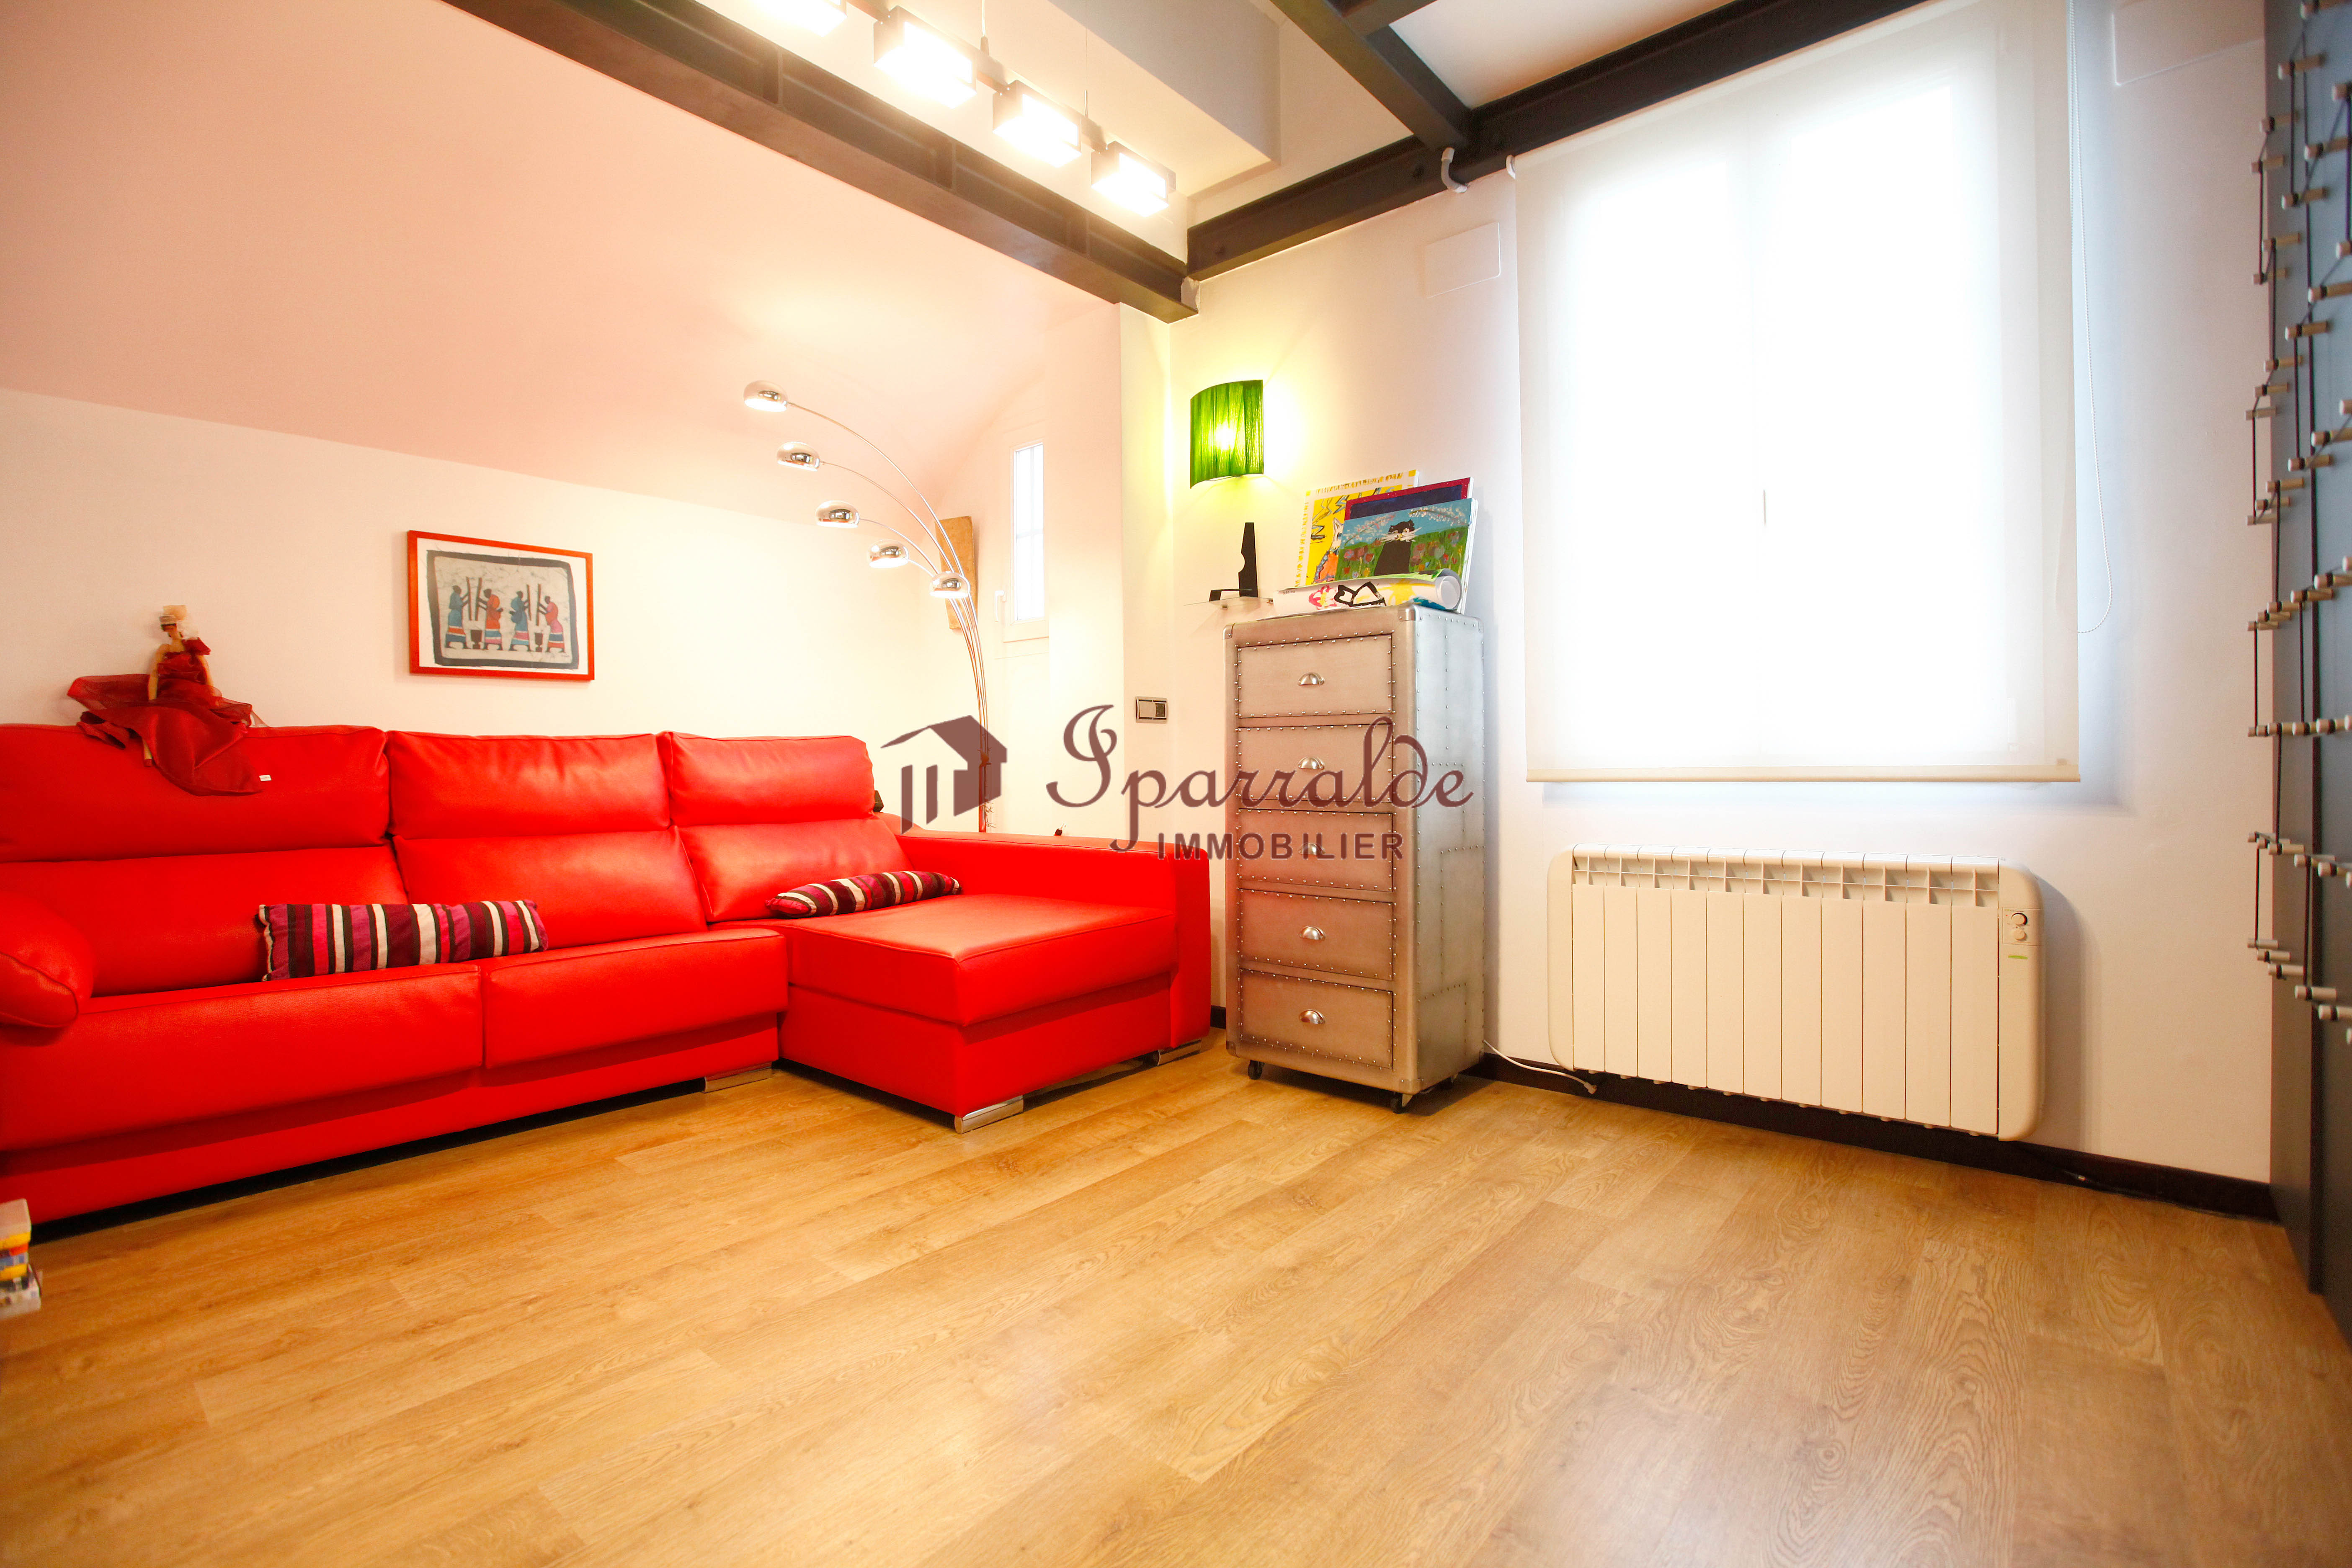 Bel appartement  T4 en duplex de 78 m2 + 36m2 hors loi Carrez situé ...